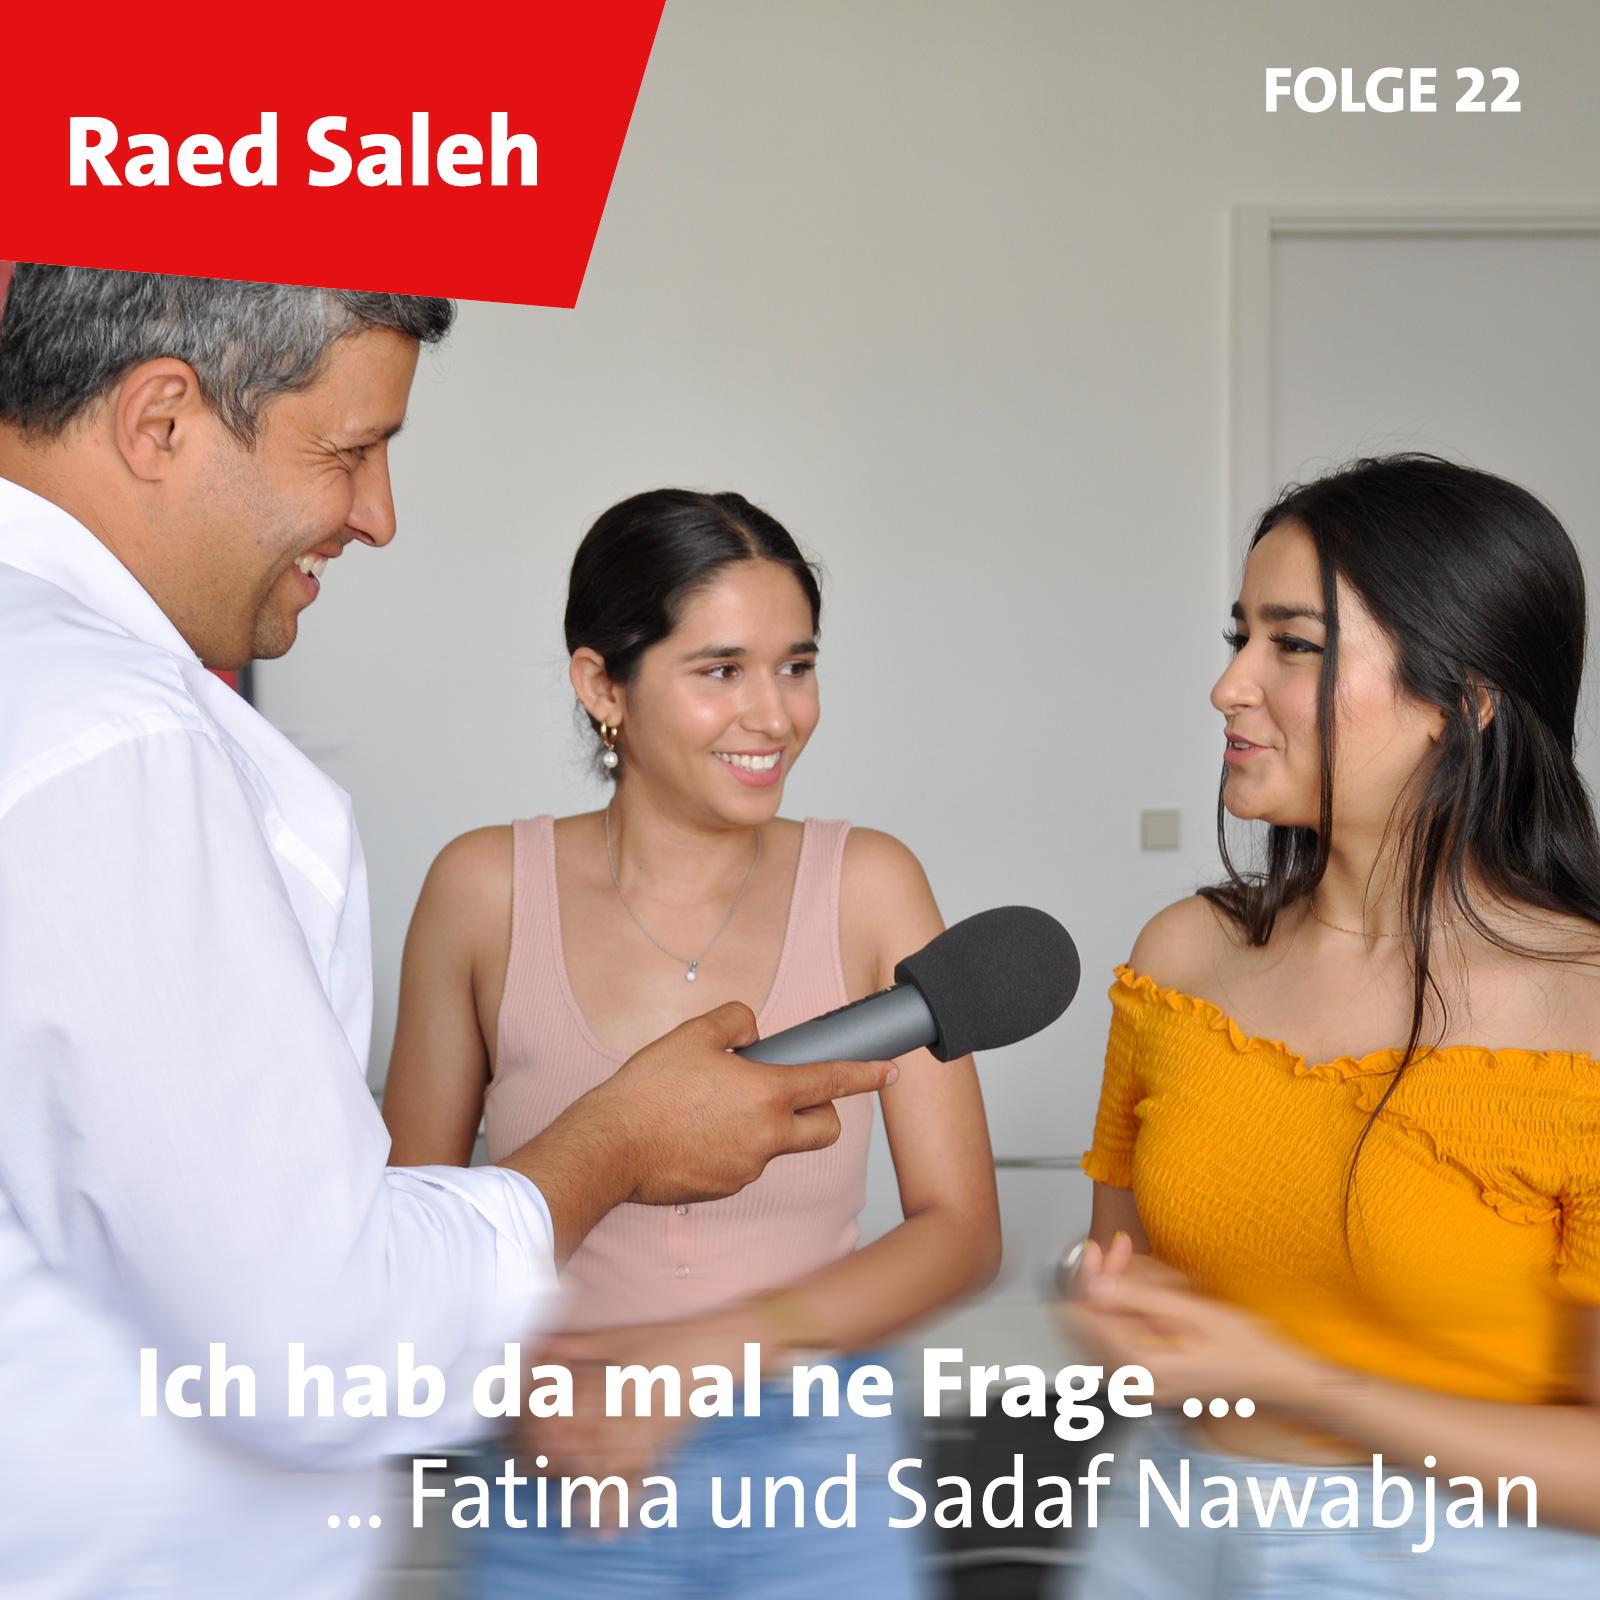 Folge 22: Fatima und Sadaf Nawabjan